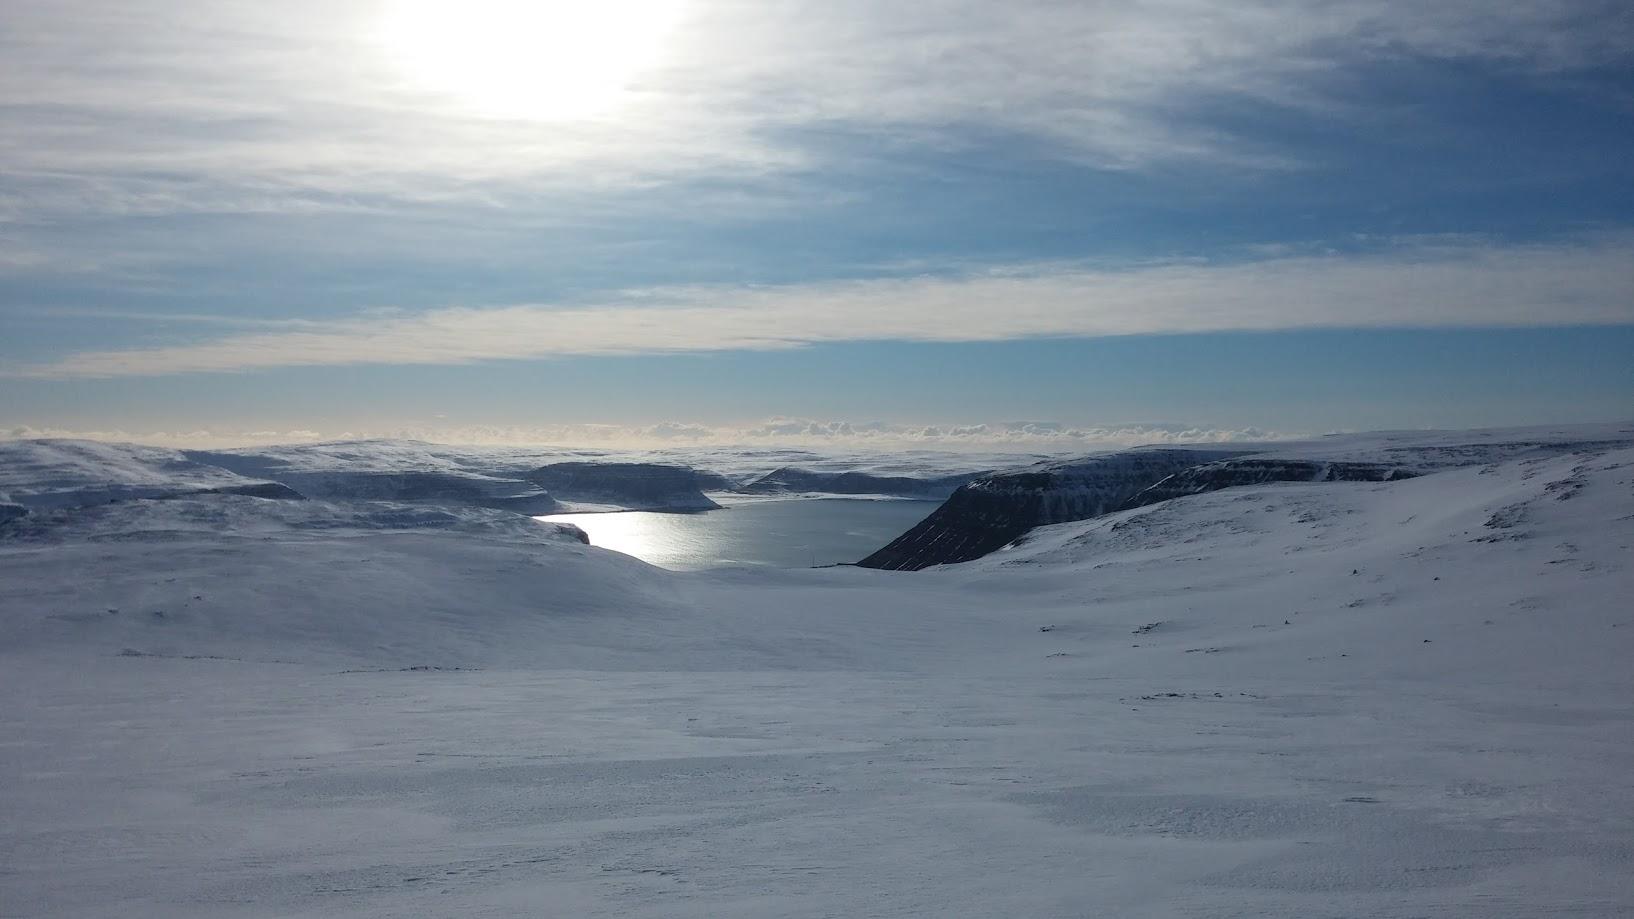 冰岛西峡湾的冬季之美少有人知,但十分震撼。